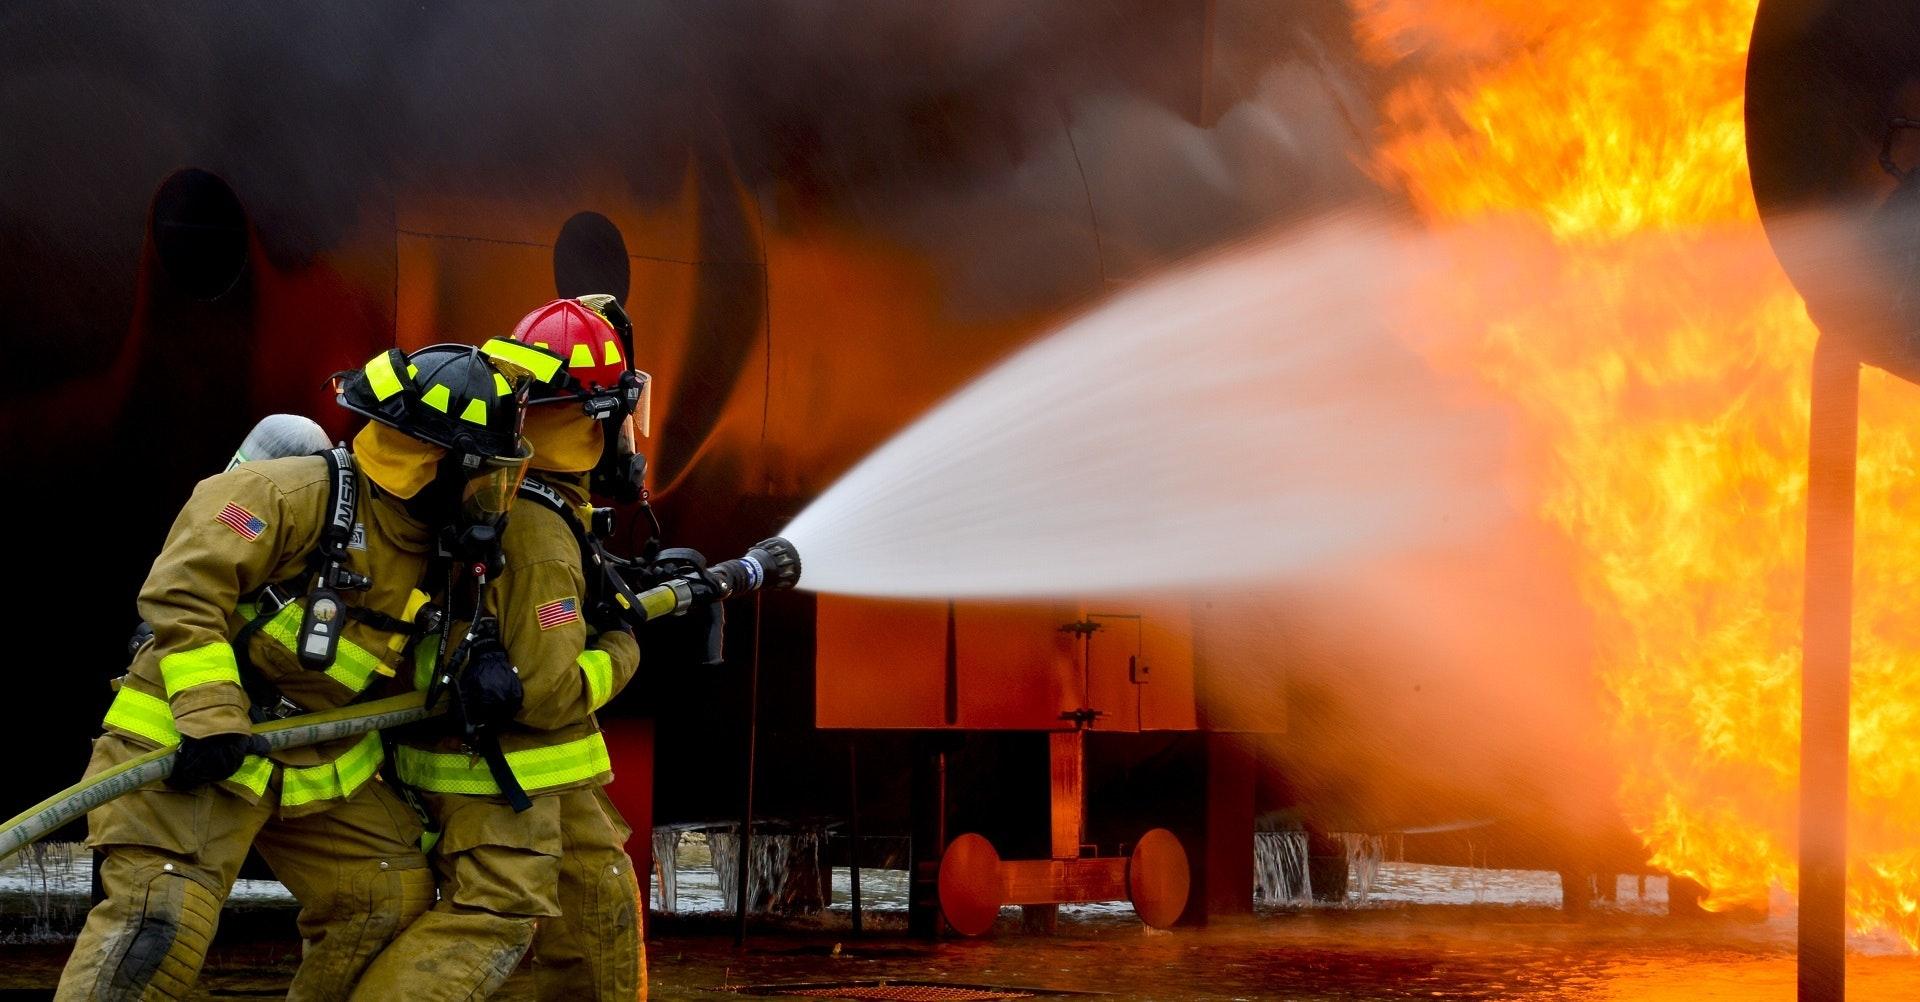 La Manguera contra incendios - inspección y mantenimiento - Drexmin